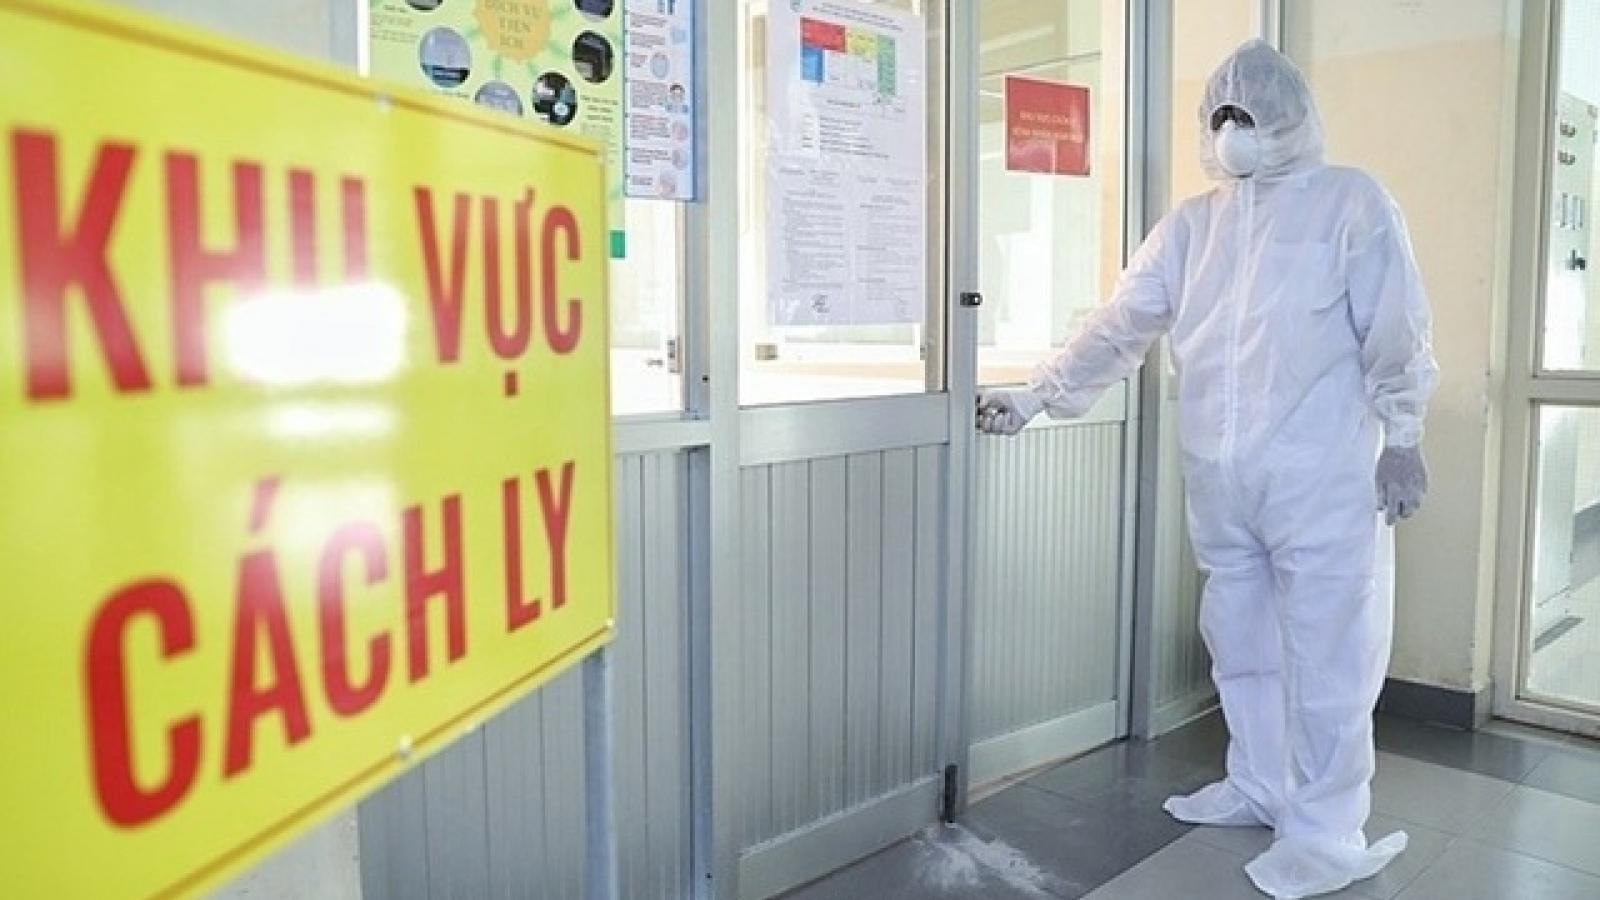 Thêm 3 ca dương tính với SARS-CoV-2 trong khu công nghiệp ở Hải Dương